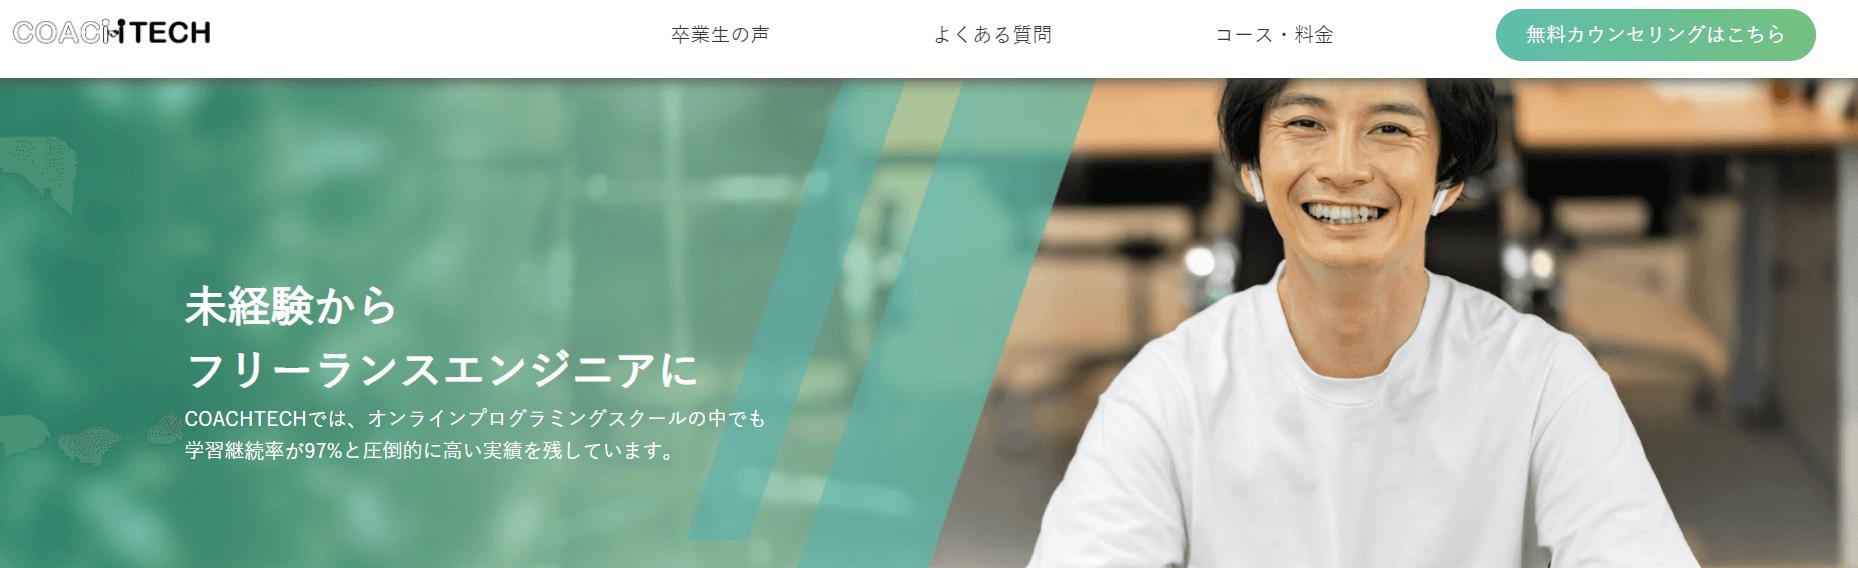 プログラミングスクール_おすすめ_社会人_coach_tech_コーチテック